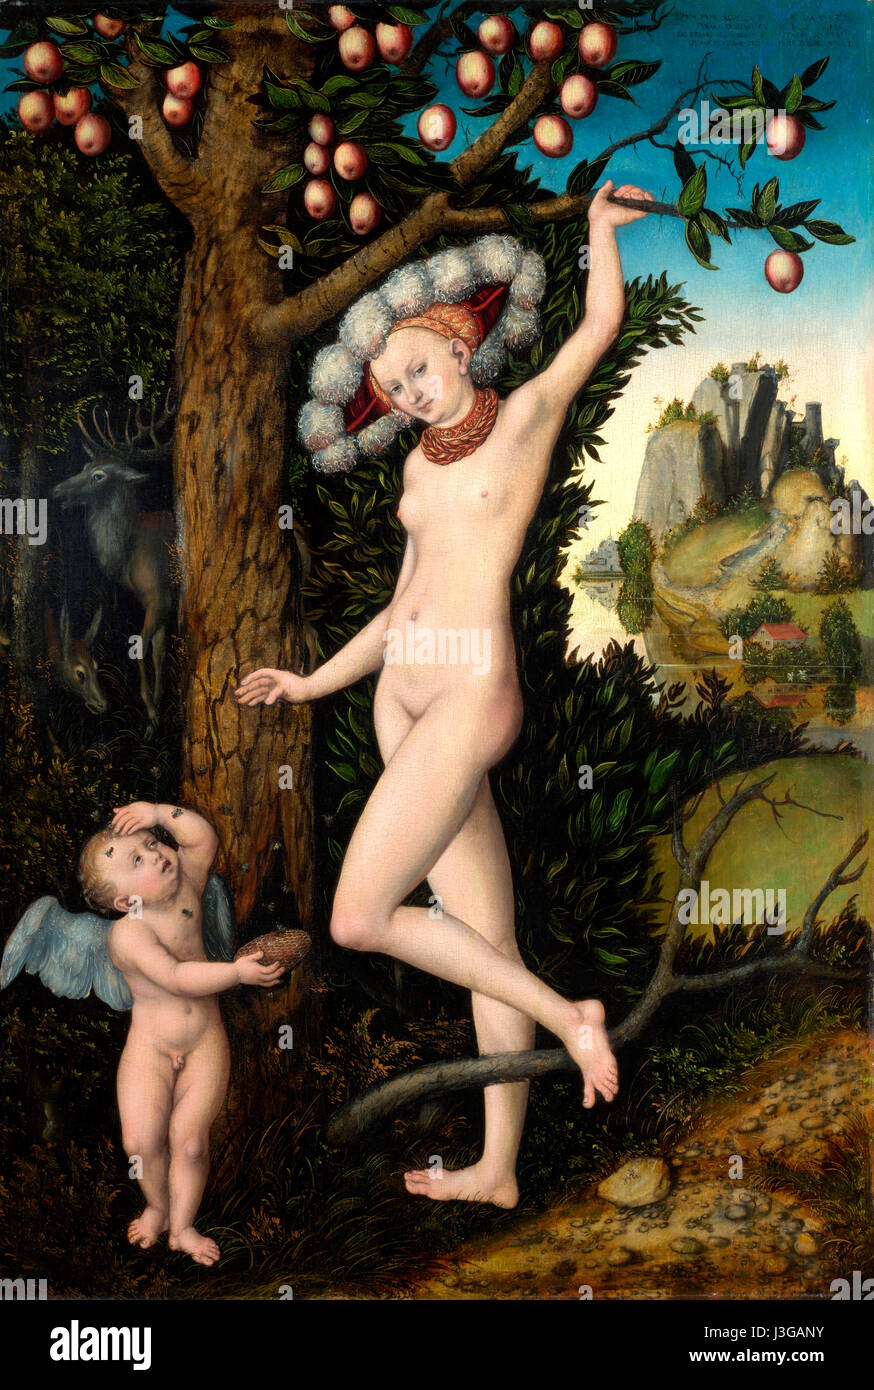 Amor beschweren sich Venus - Lucas Cranach der ältere - 1525 Stockbild